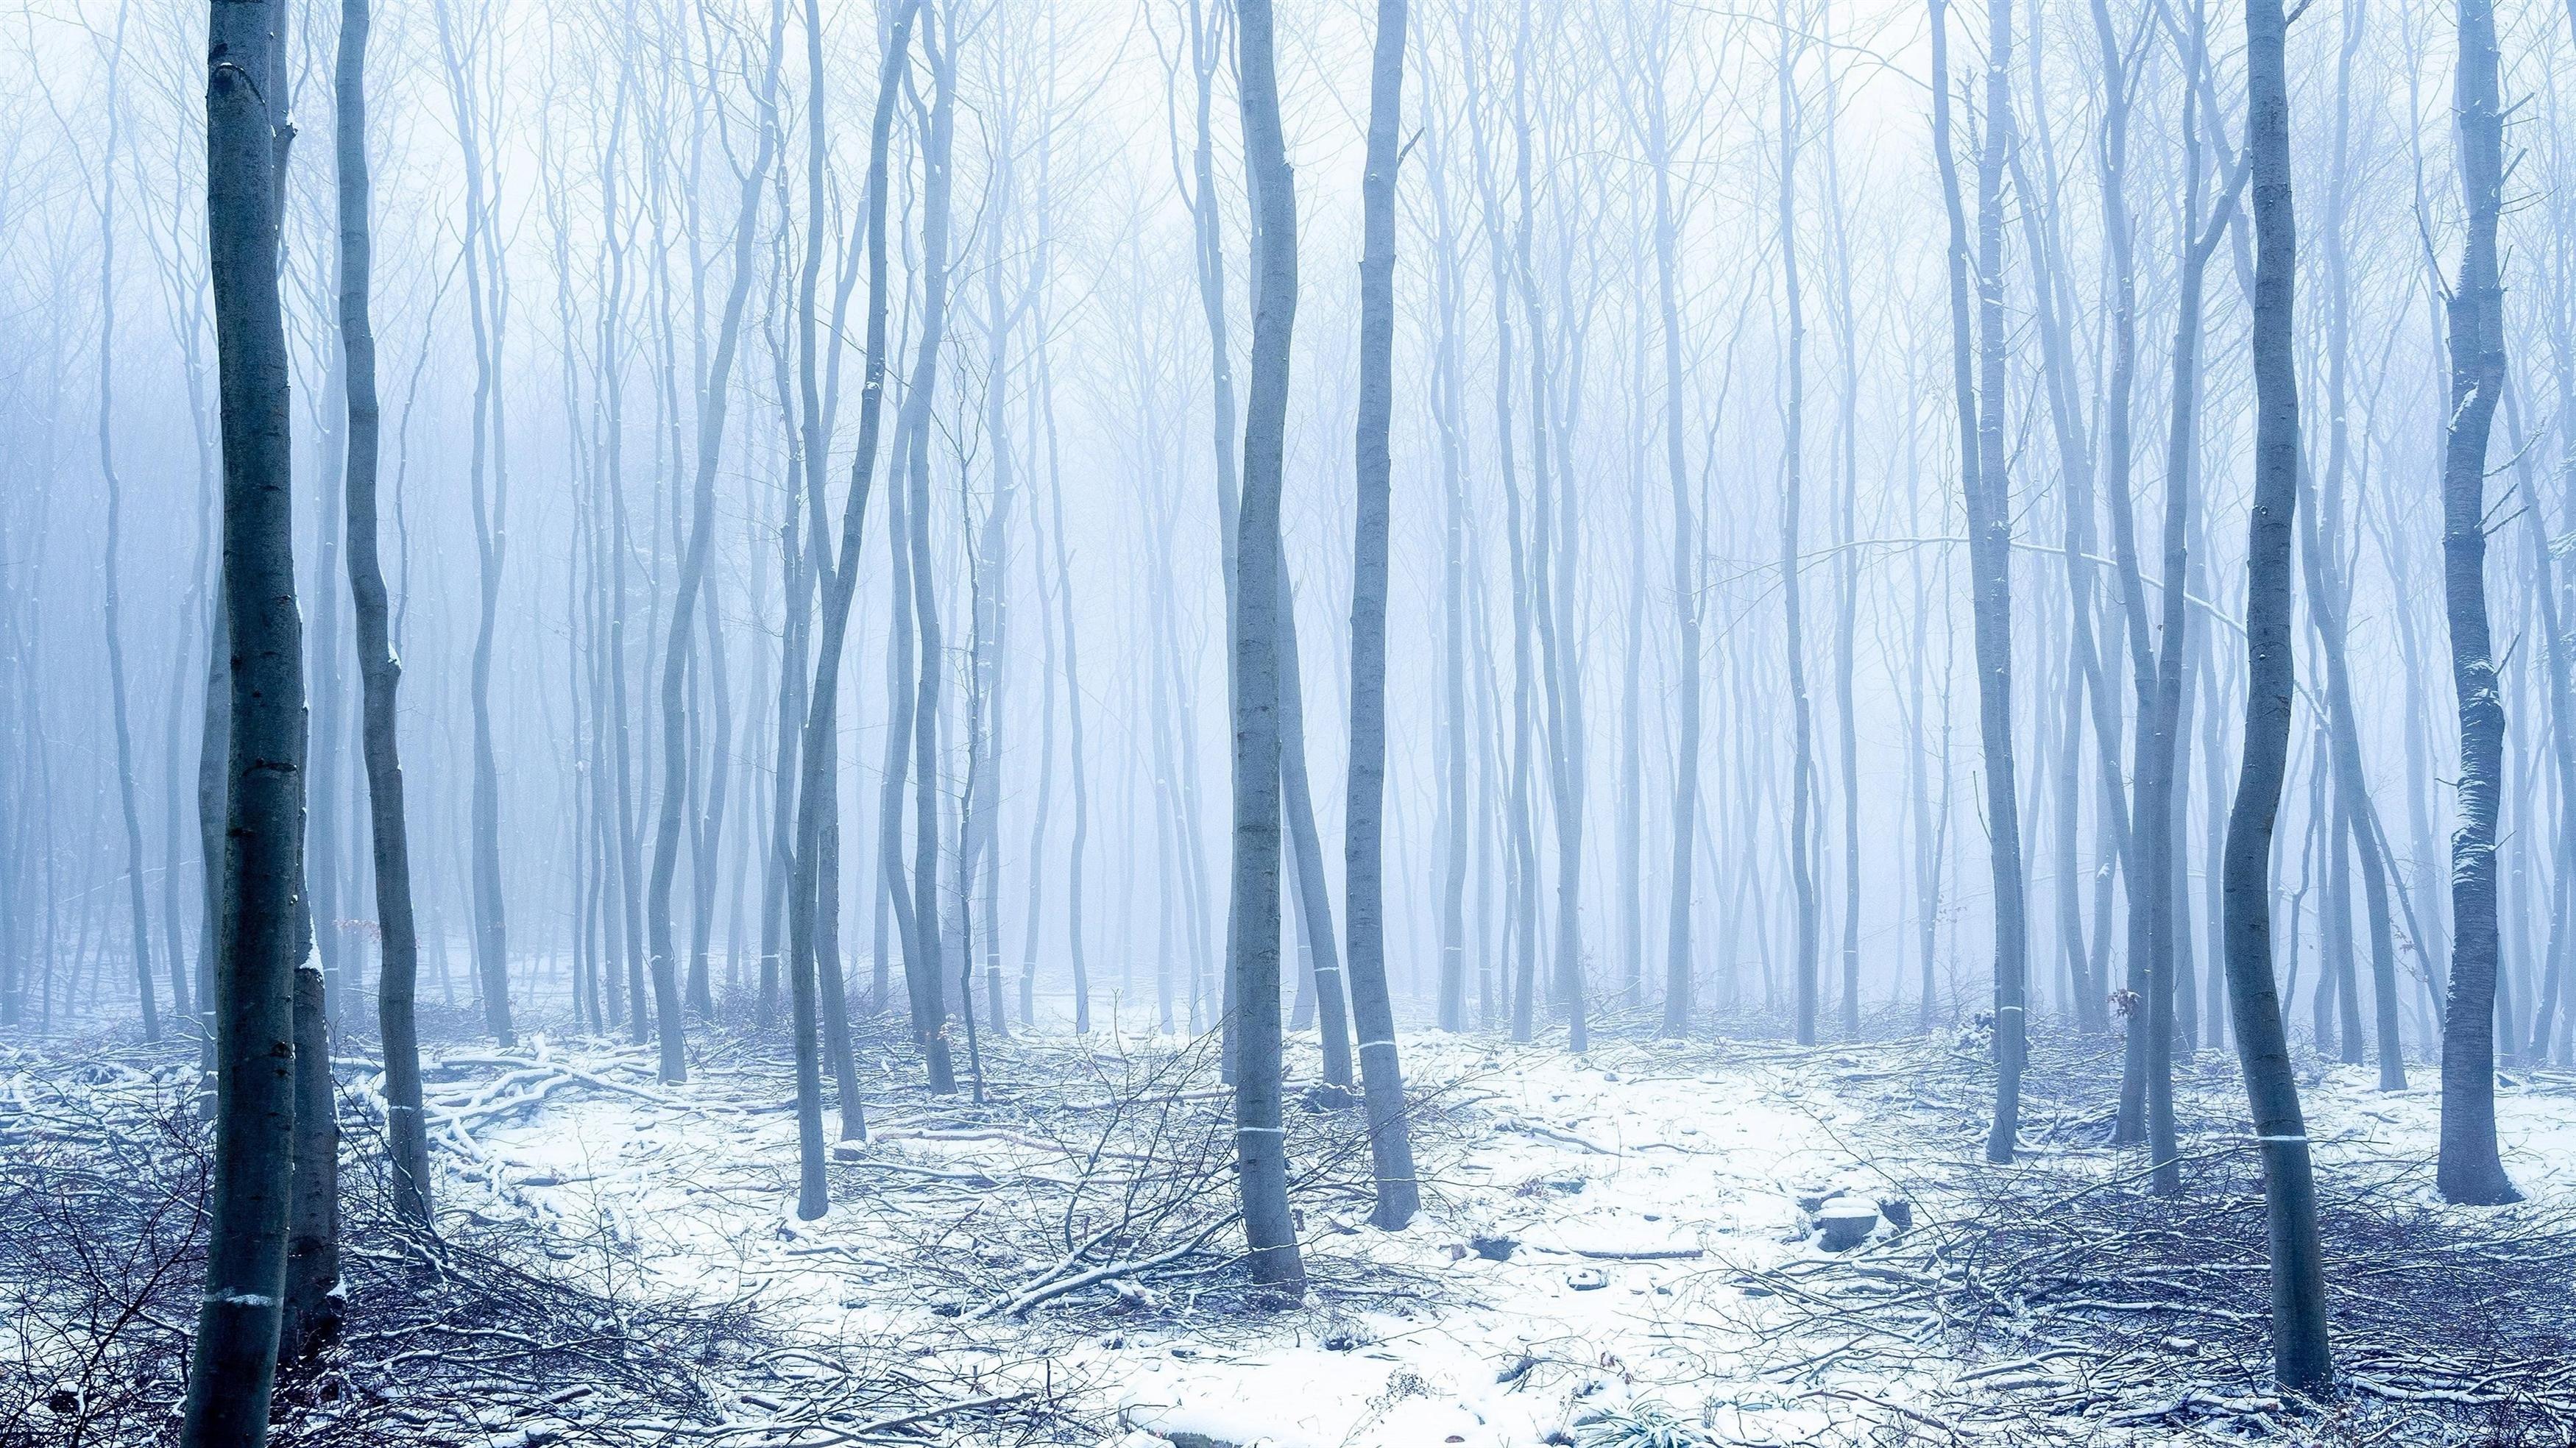 Заснеженный ствол леса с туманом зимой обои скачать